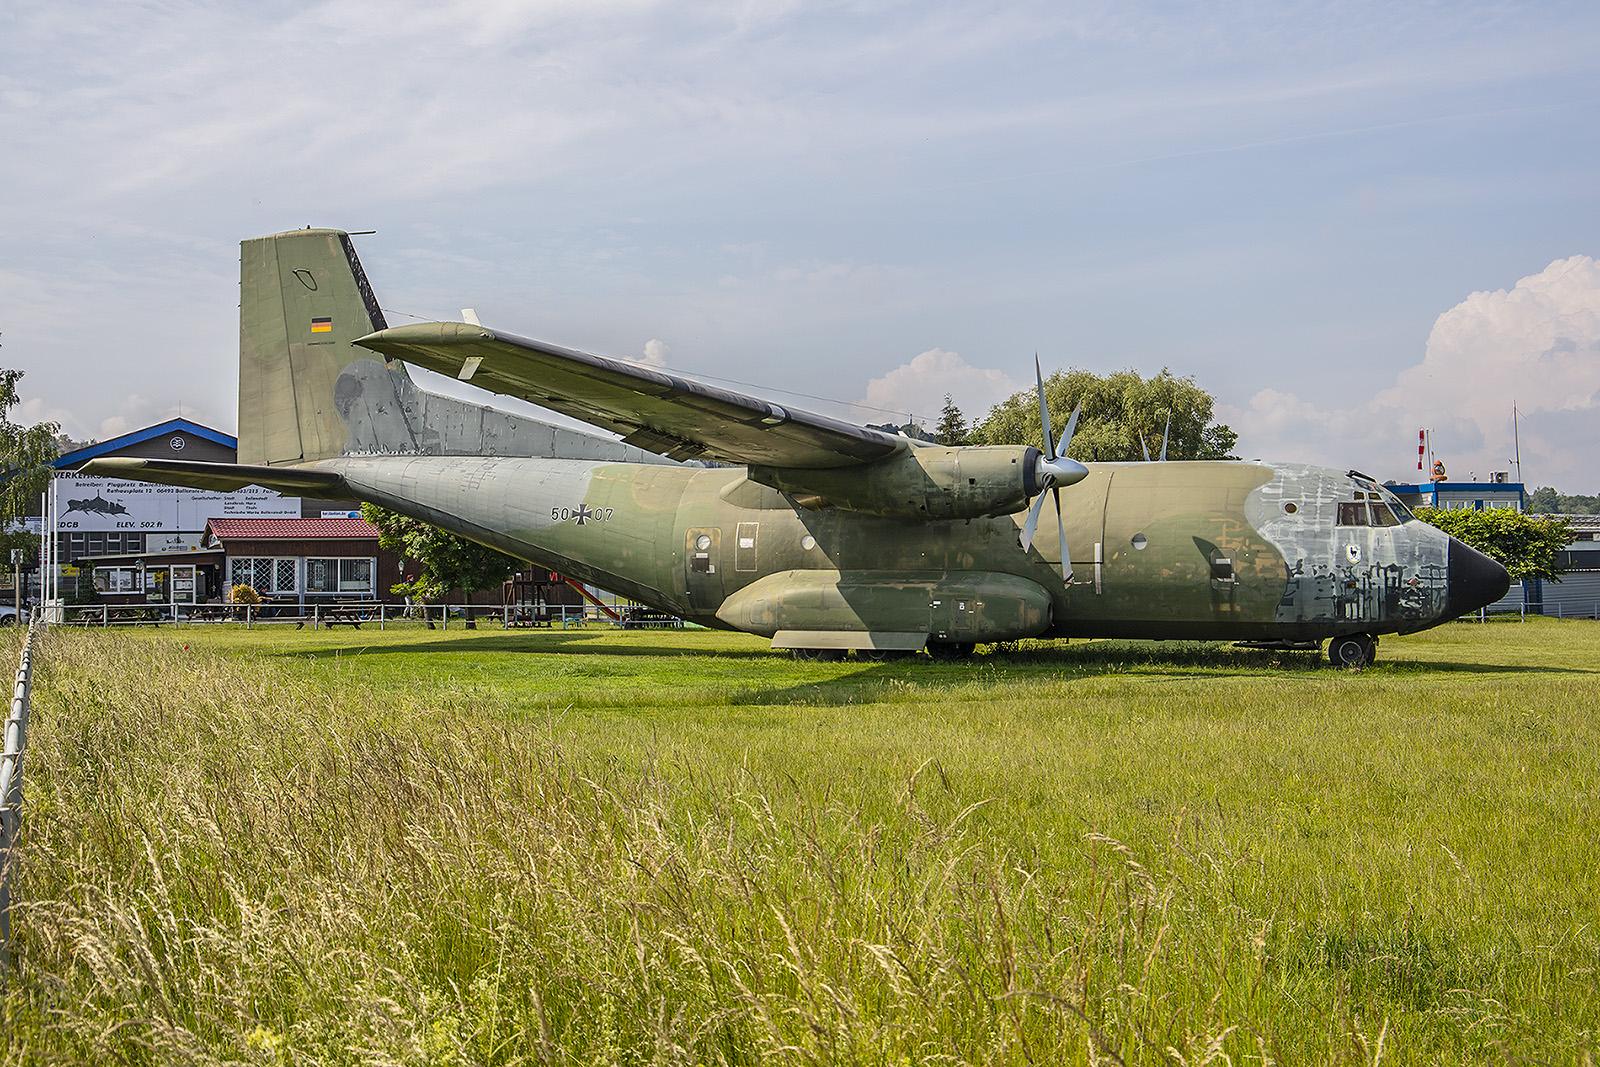 Ballenstedt - Diese C-160 Transall lädt zum verweilen ein.